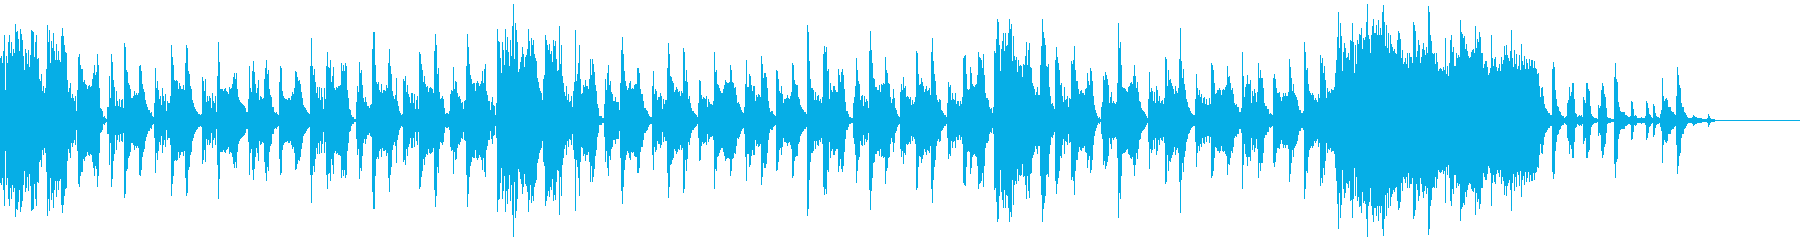 テクノでポップなBGMの再生済みの波形